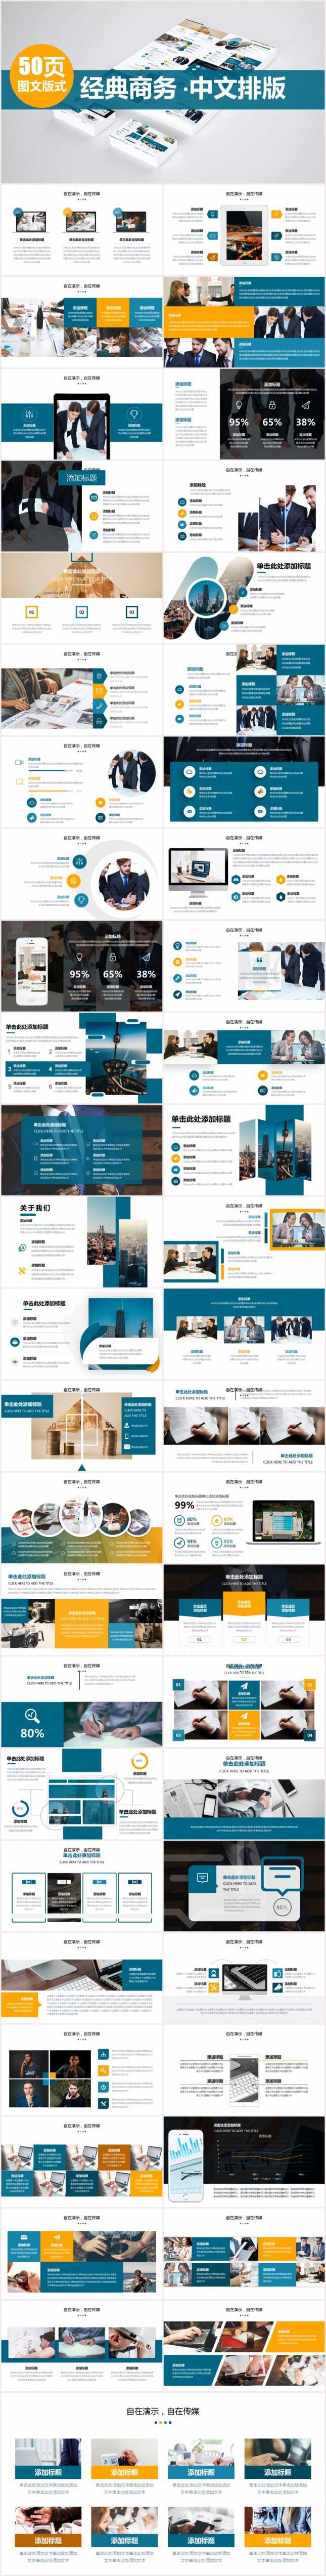 50页经典商务中文排版PPT图表模板